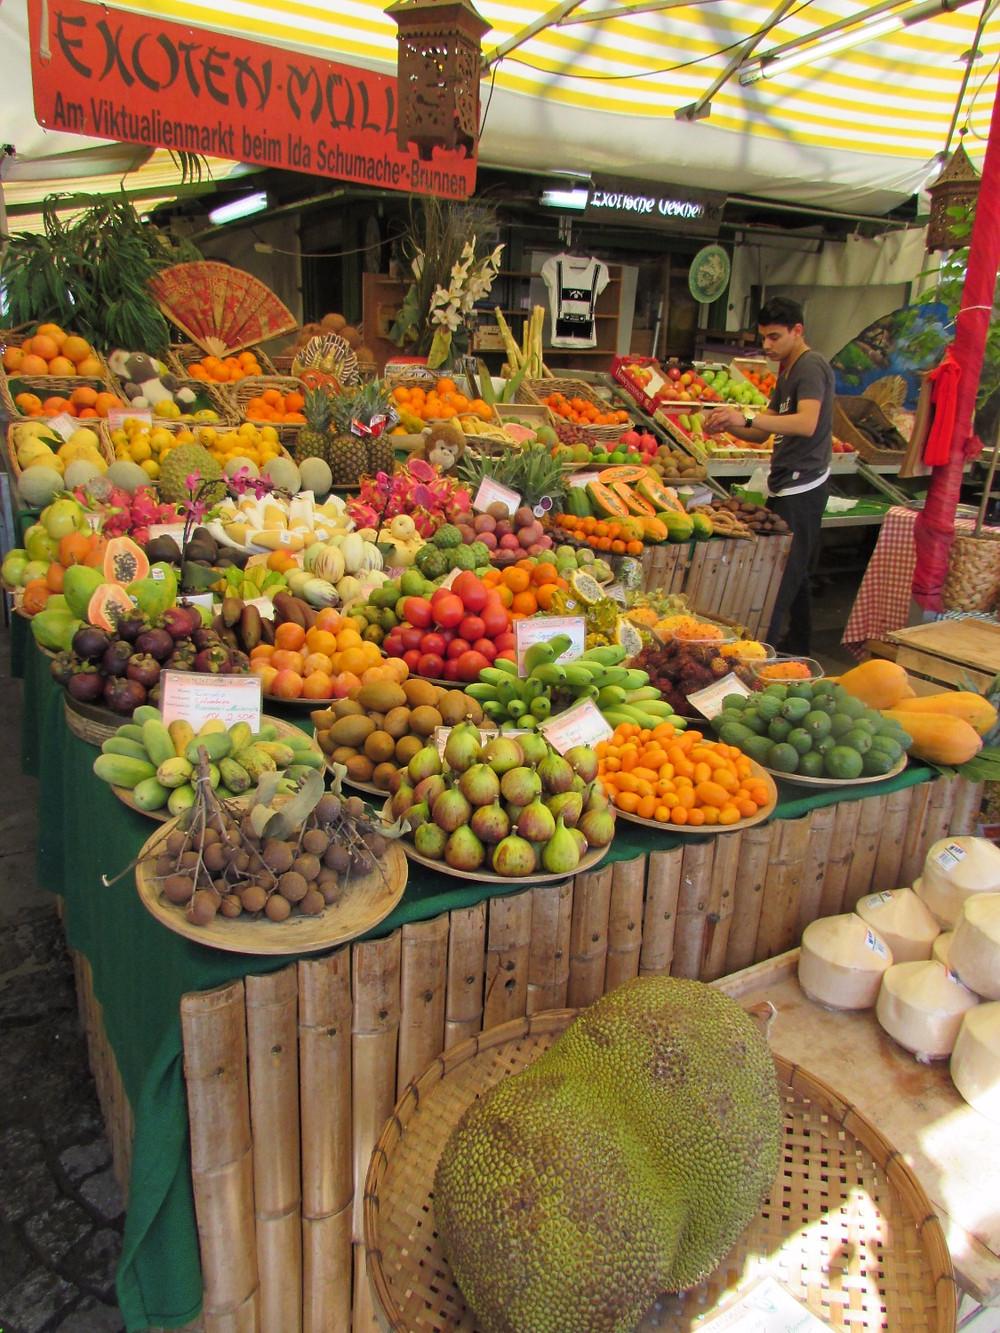 Рынок Виктуалиенмаркт - экзотические фруты